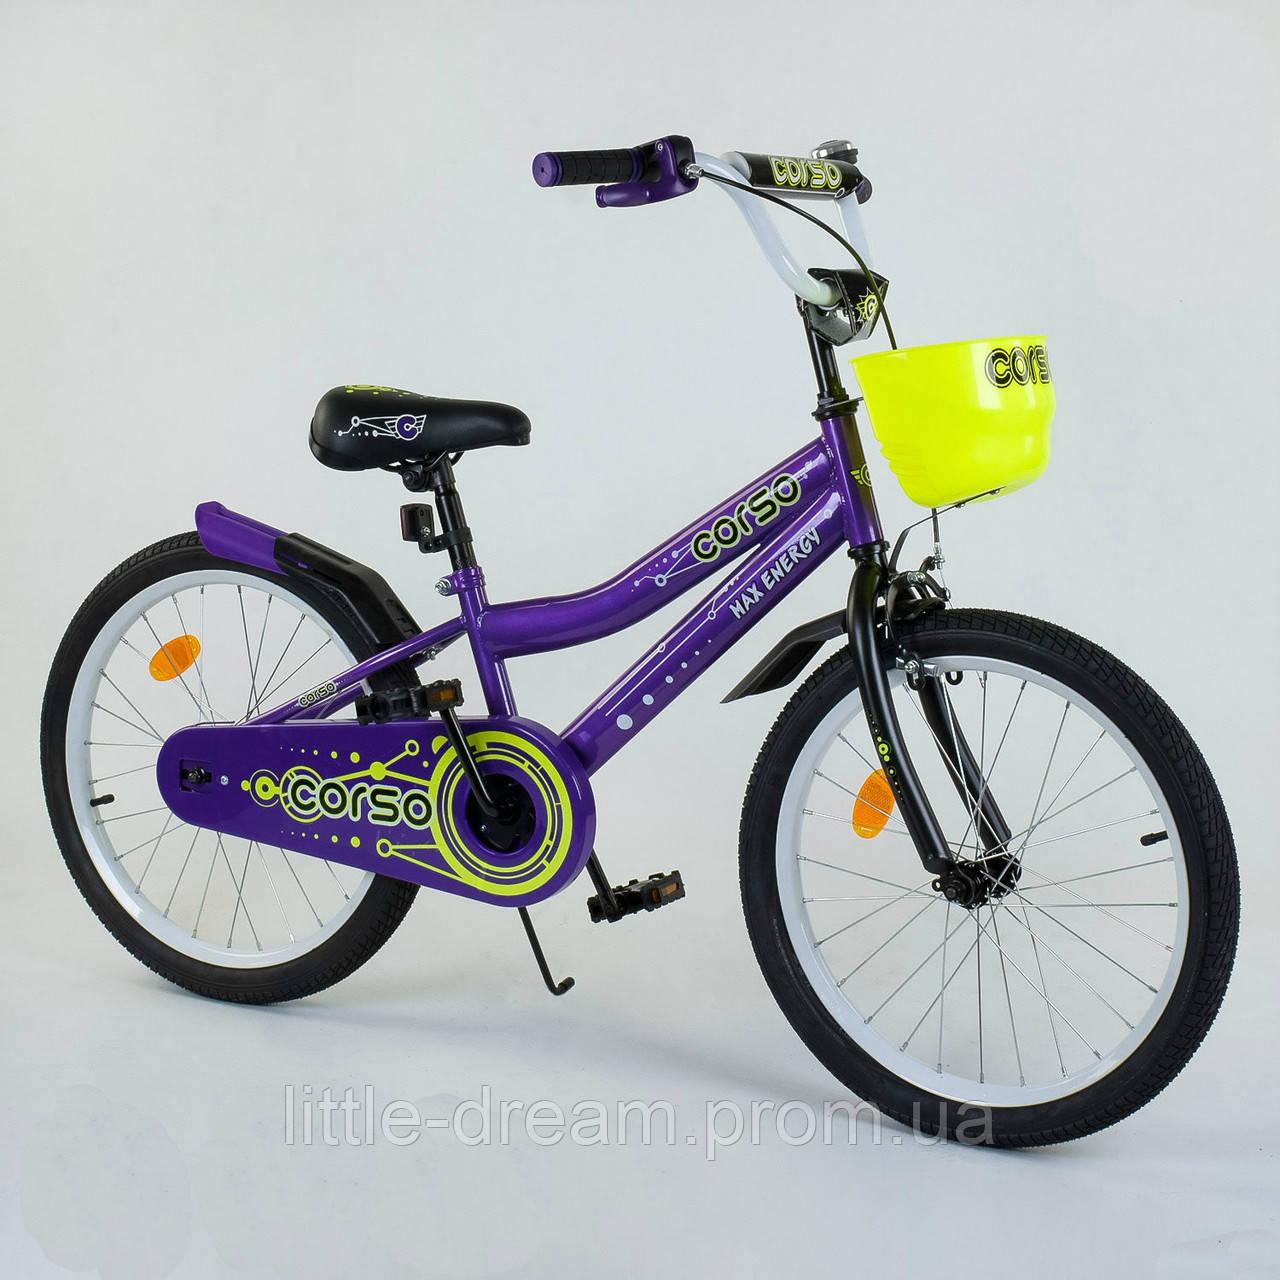 """Детский двухколесный велосипед 20"""" с ручным тормозом металлическими дисками и корзинкой Corso R-20900"""